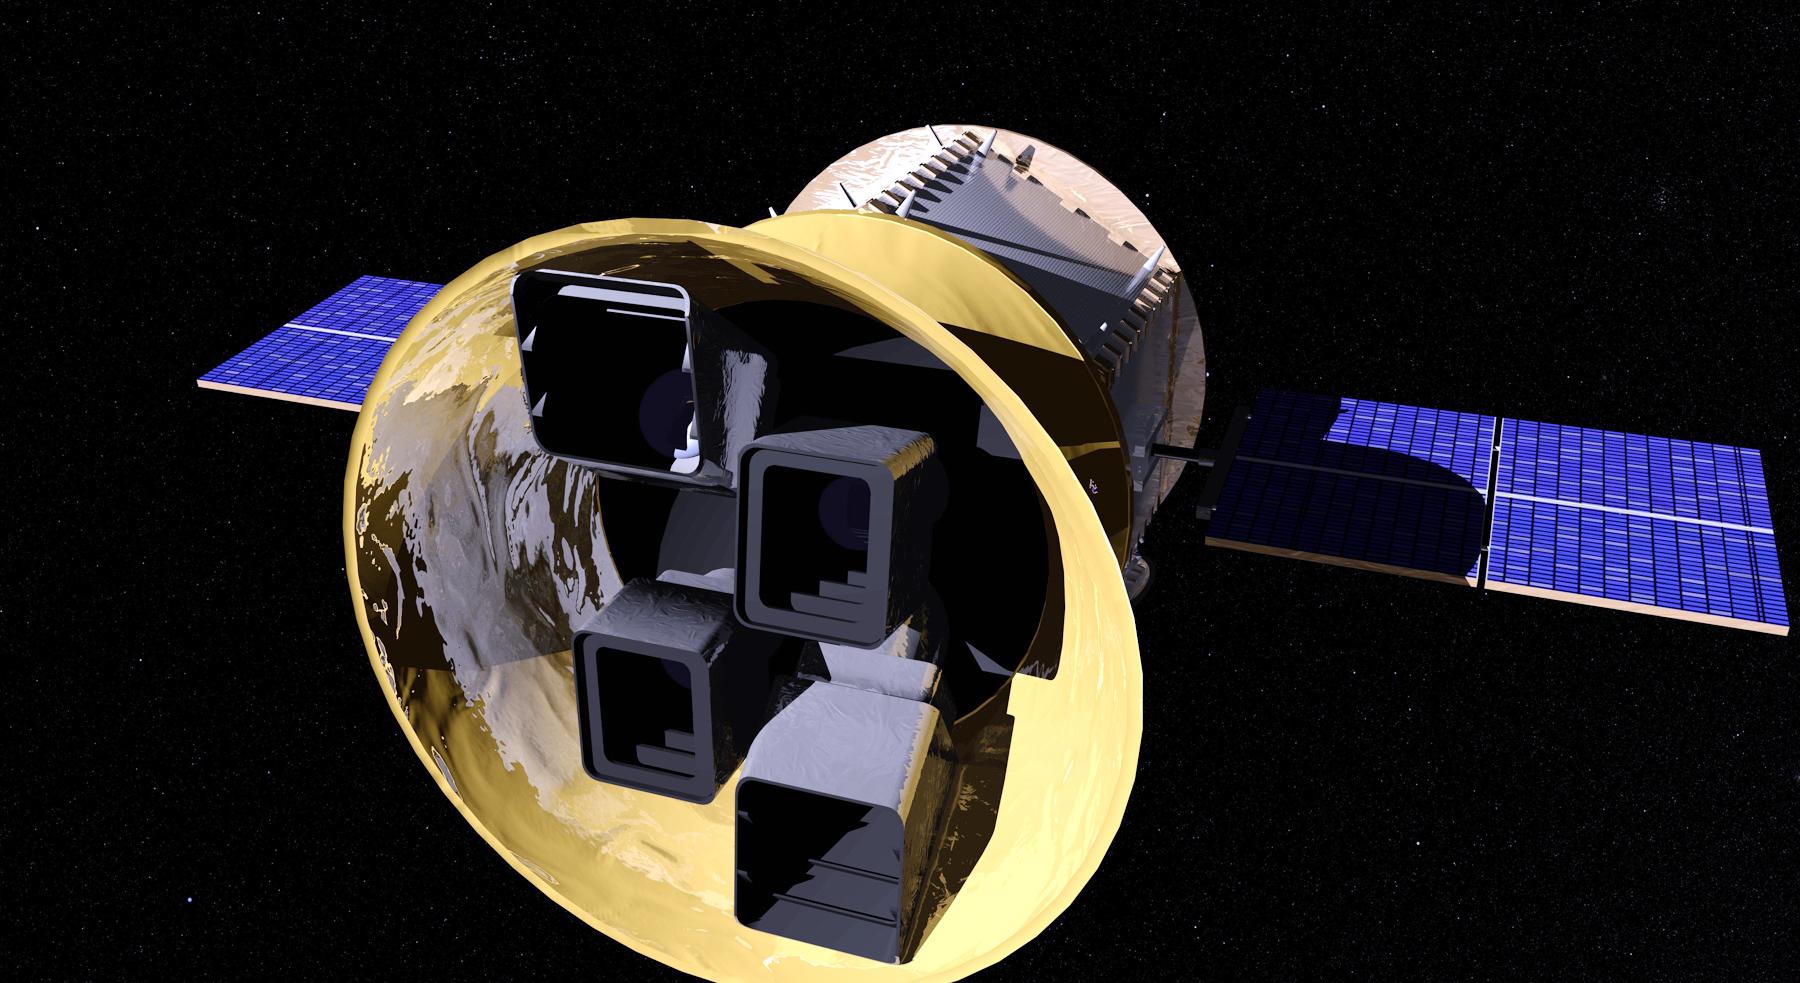 Nello spazio con TESS, a caccia di esopianteti